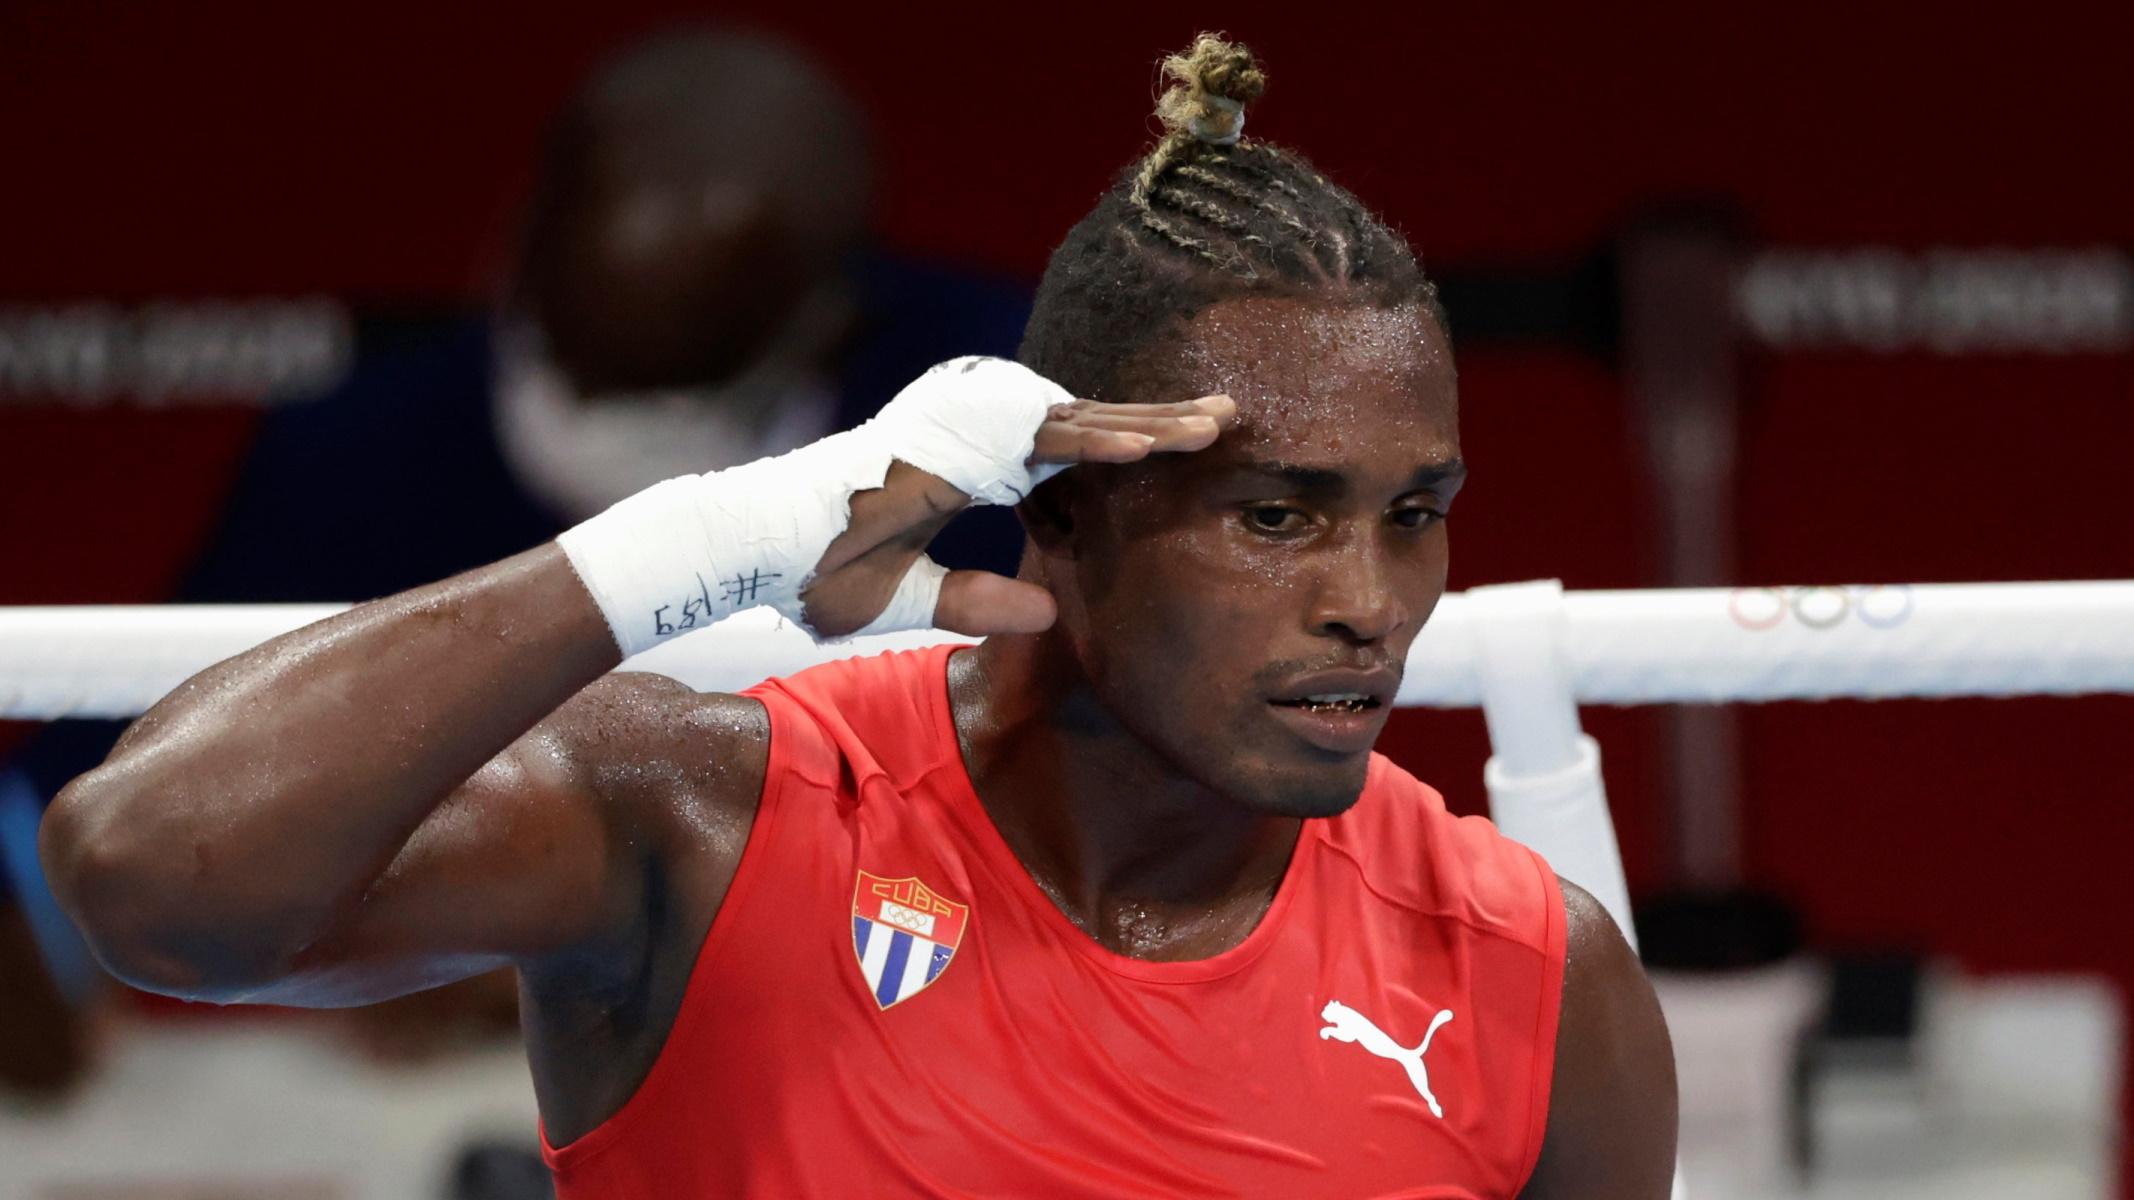 Ολυμπιακοί Αγώνες: Κουβανός κέρδισε «λιποτάκτη» συμπατριώτη του και φώναξε «πατρίδα ή θάνατος»